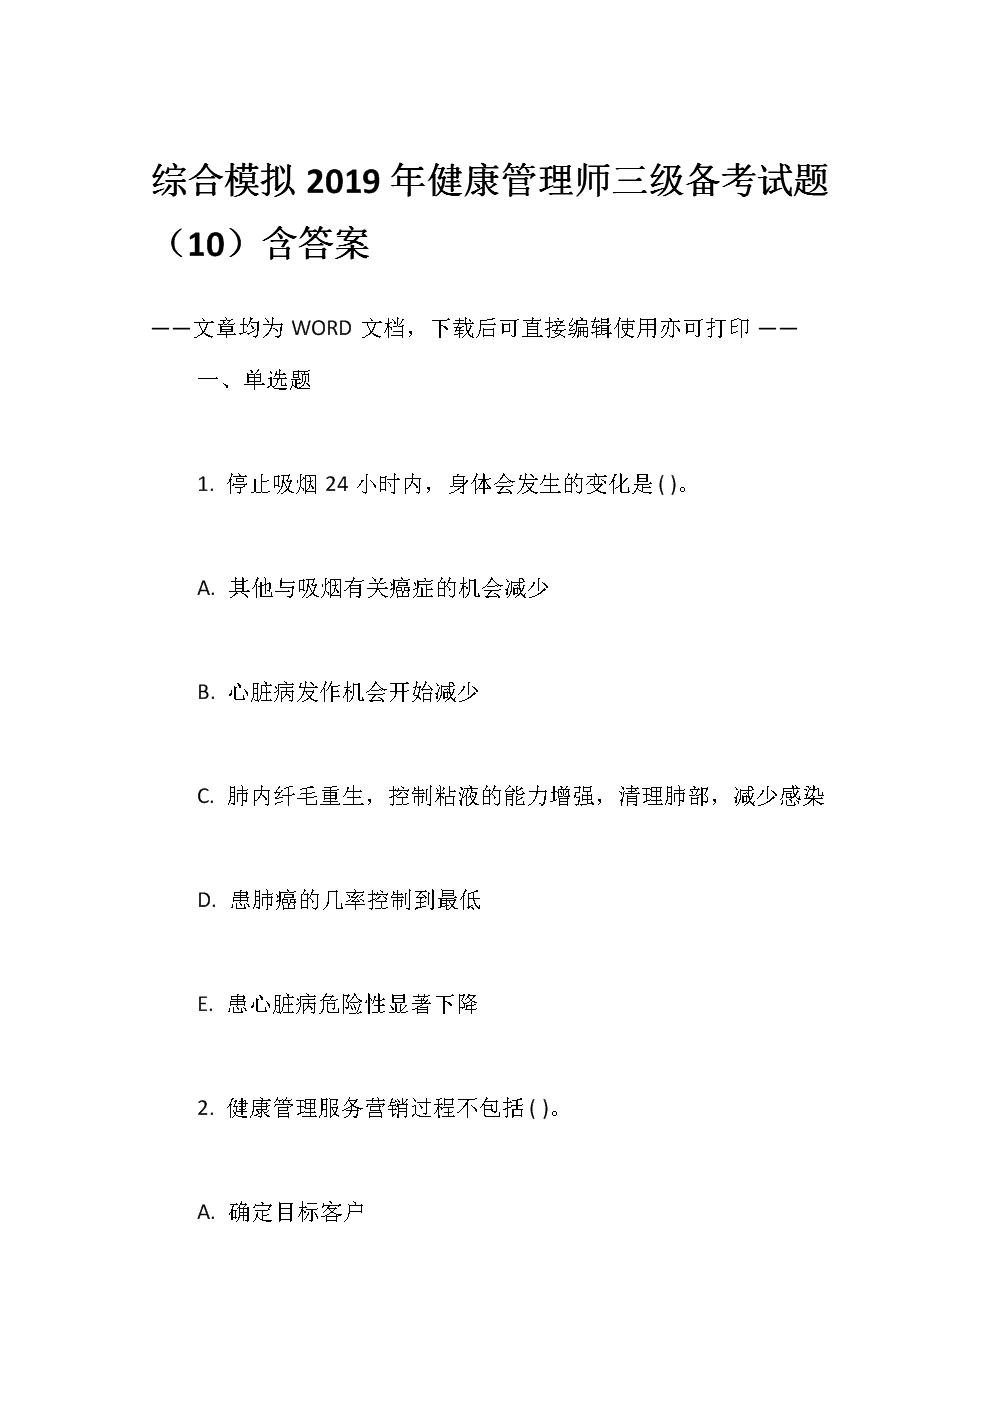 綜合模擬2019年健康管理師三級備考試題(10)含答案.docx